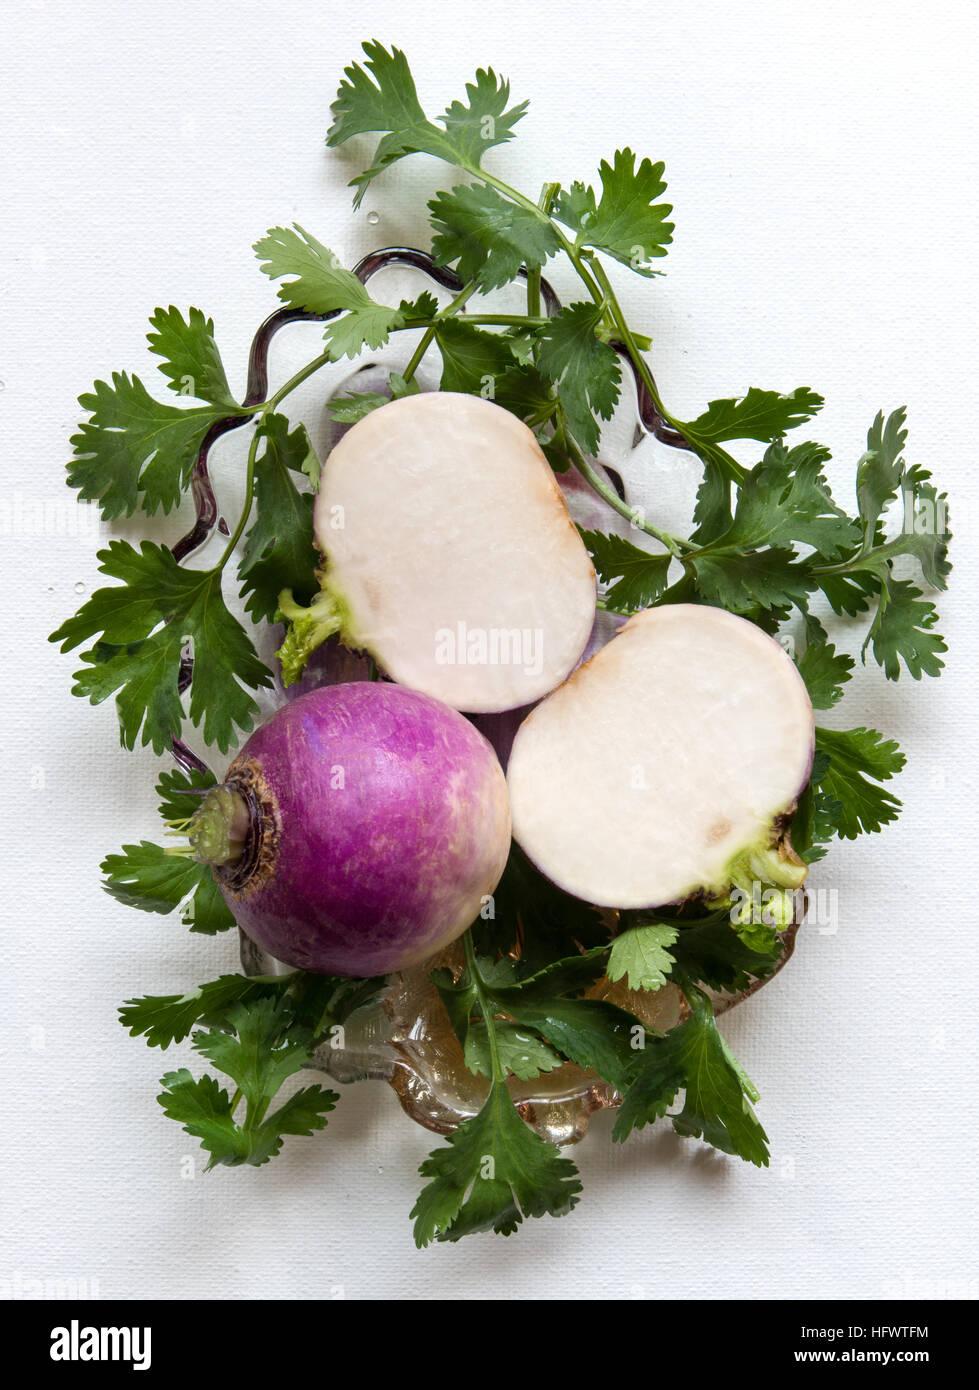 Nabos las verduras cortadas y entera vestida con hojas de cilantro, vista superior de fondo blanco. Imagen De Stock